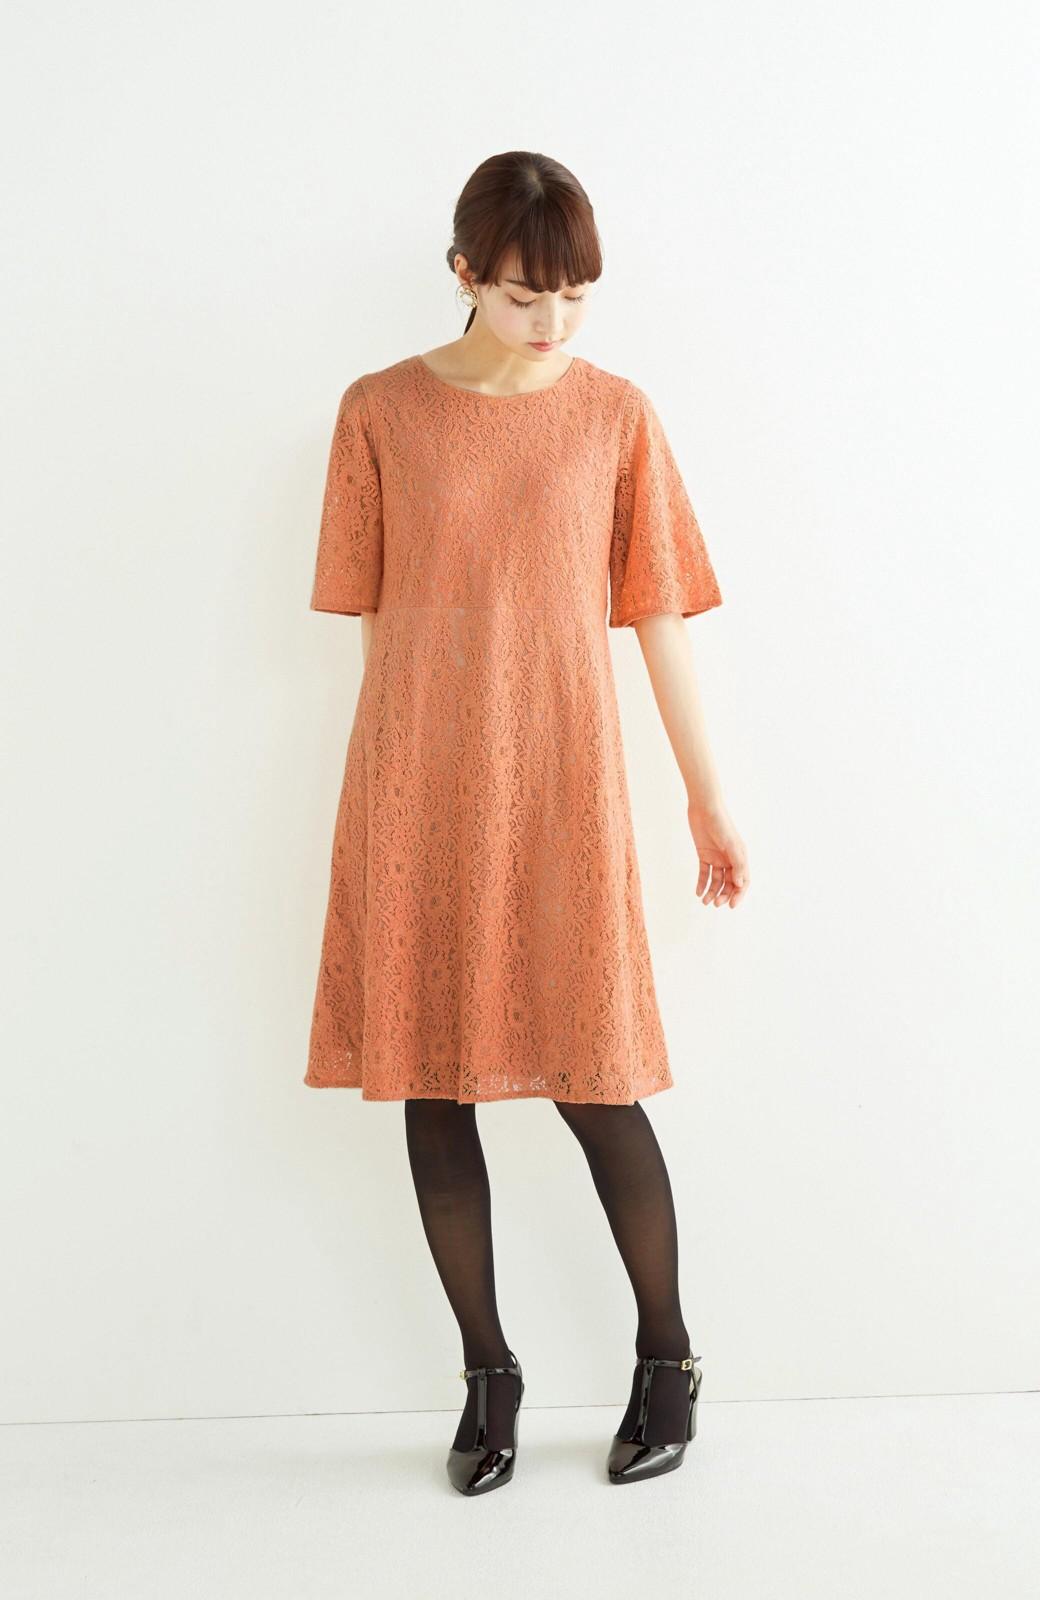 エムトロワ 結婚式にも便利 1枚で着てきれいなレースワンピース <オレンジ>の商品写真4